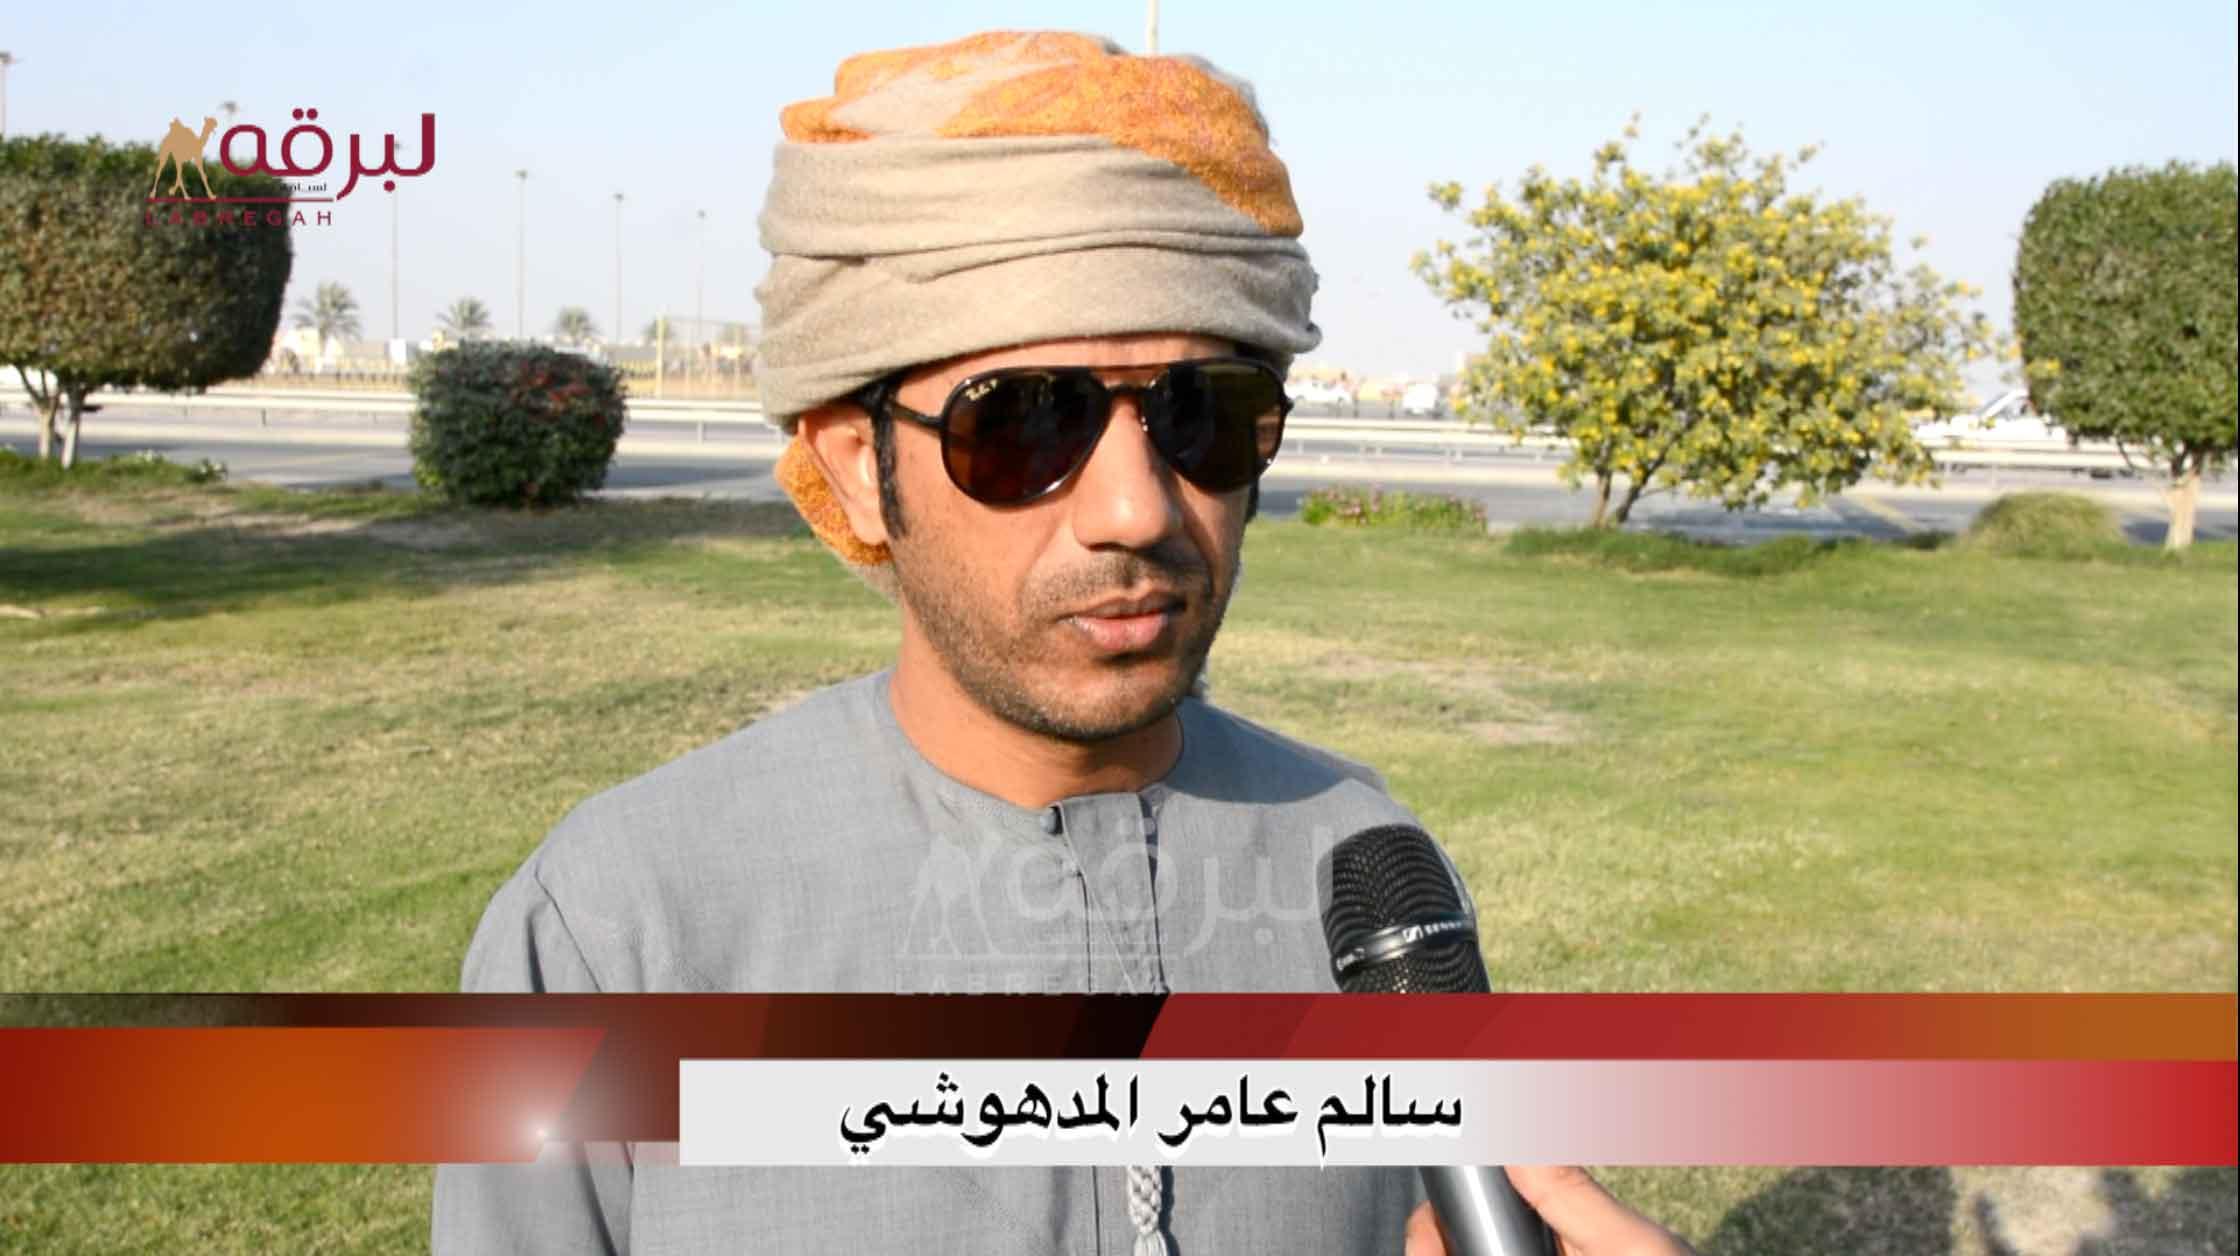 لقاء مع سالم عامر المدهوشي.. الخنجر الذهبي لقايا قعدان « مفتوح » الأشواط المفتوحة  ١٨-١-٢٠٢١